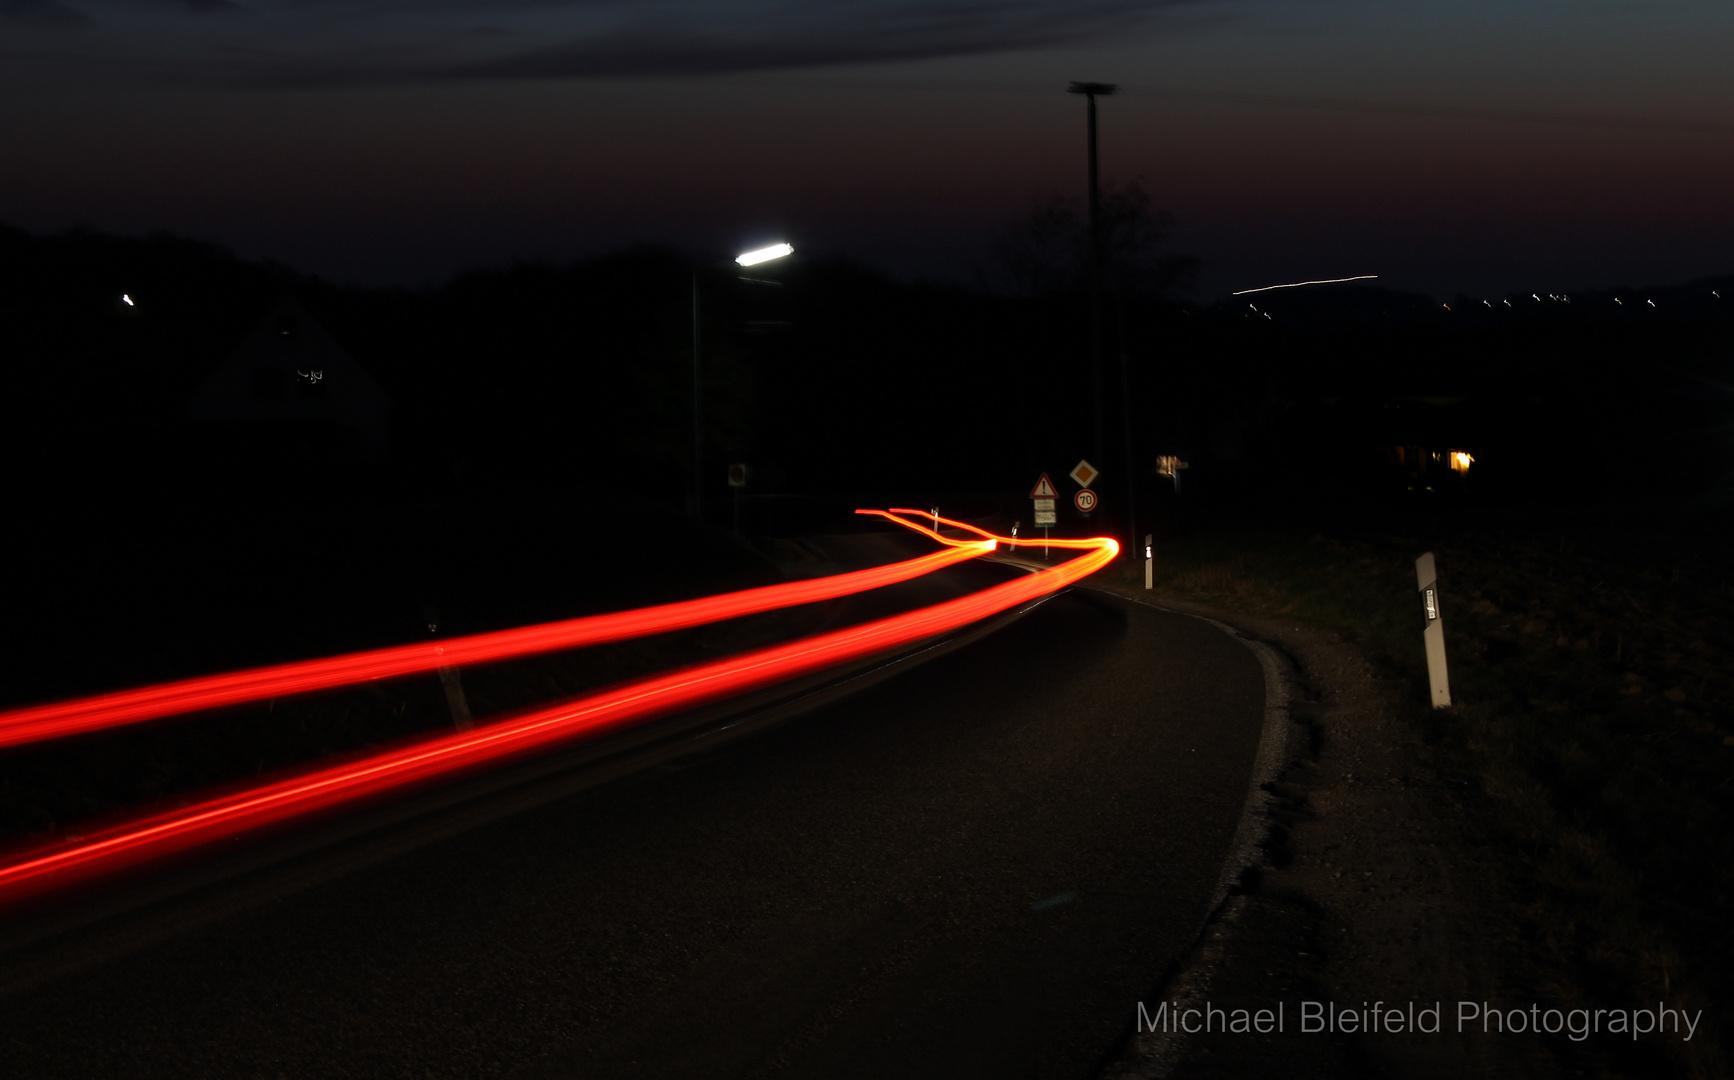 Lichtspuren der Landstraße